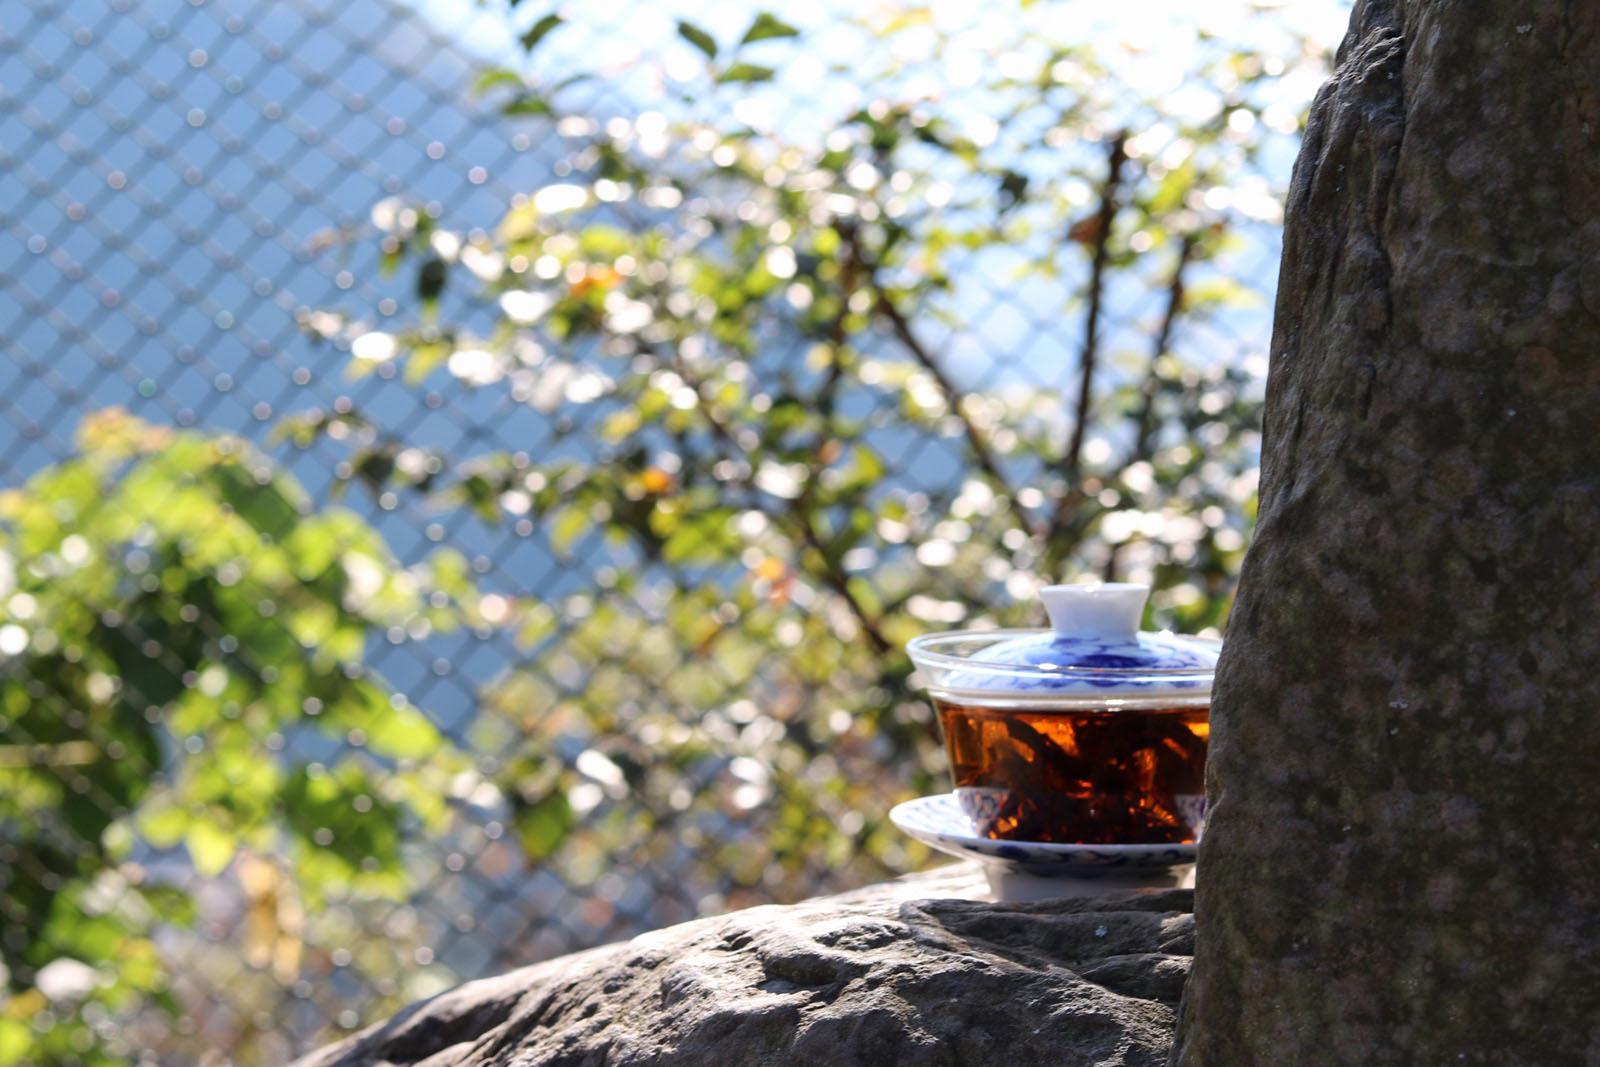 專賣台灣茶葉 - 不用出門也可以買到好茶 || 安妮道茶 Annie's Tea Treat | Sign Up for 10% OFF